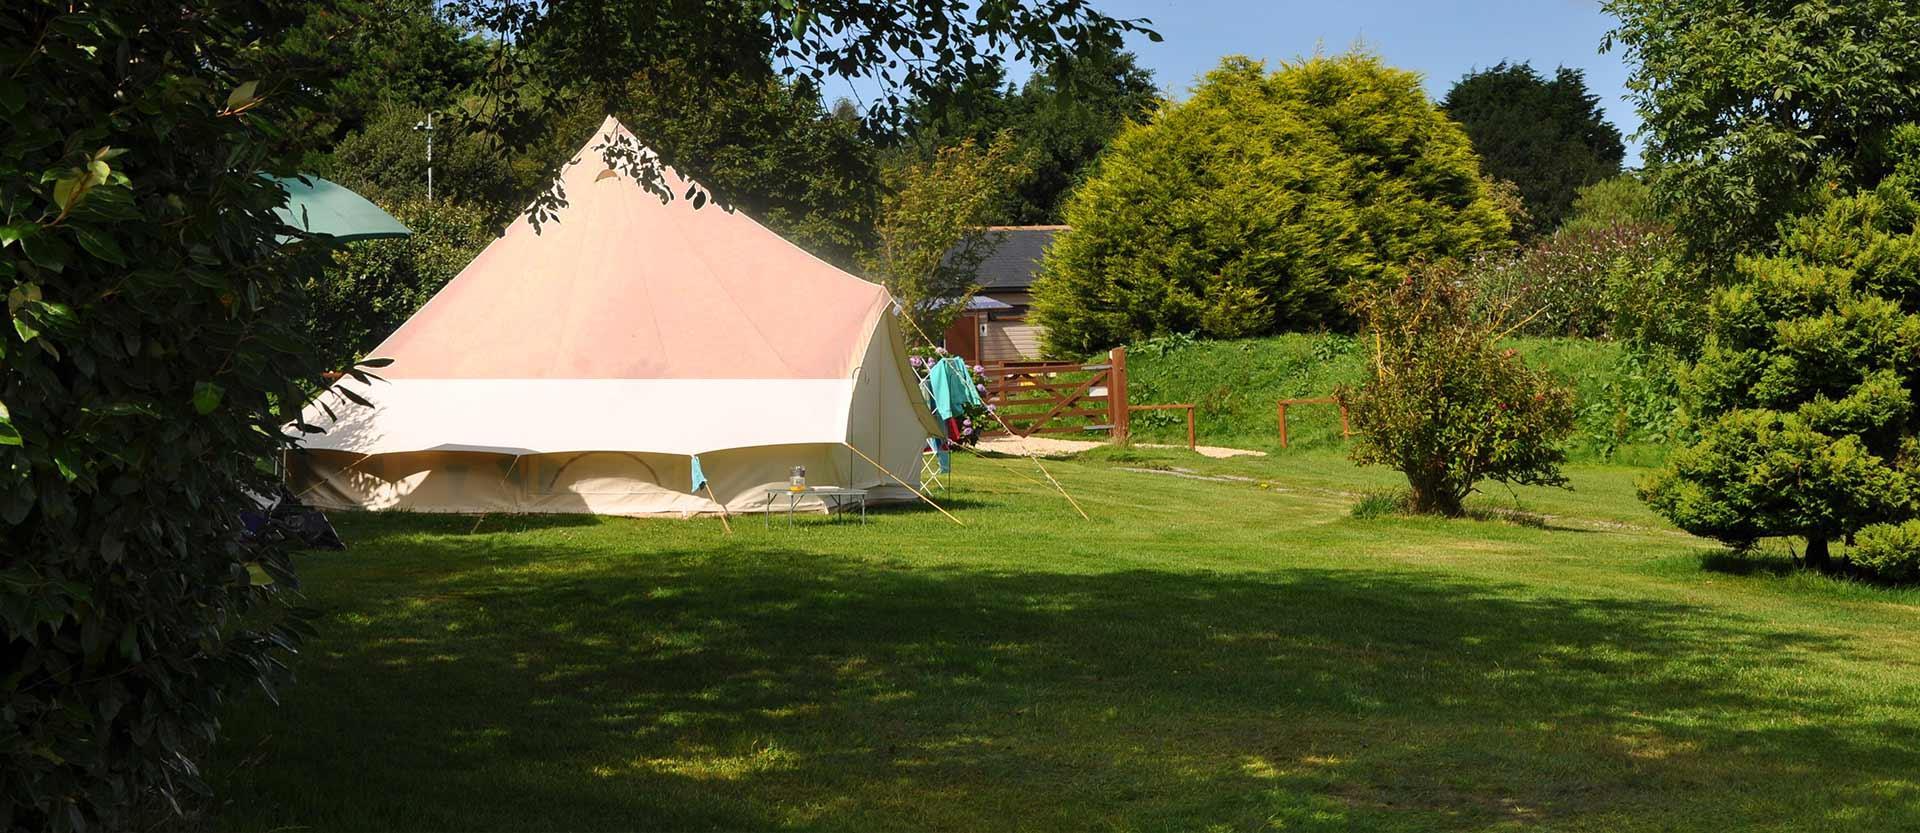 Camping at Trethiggey